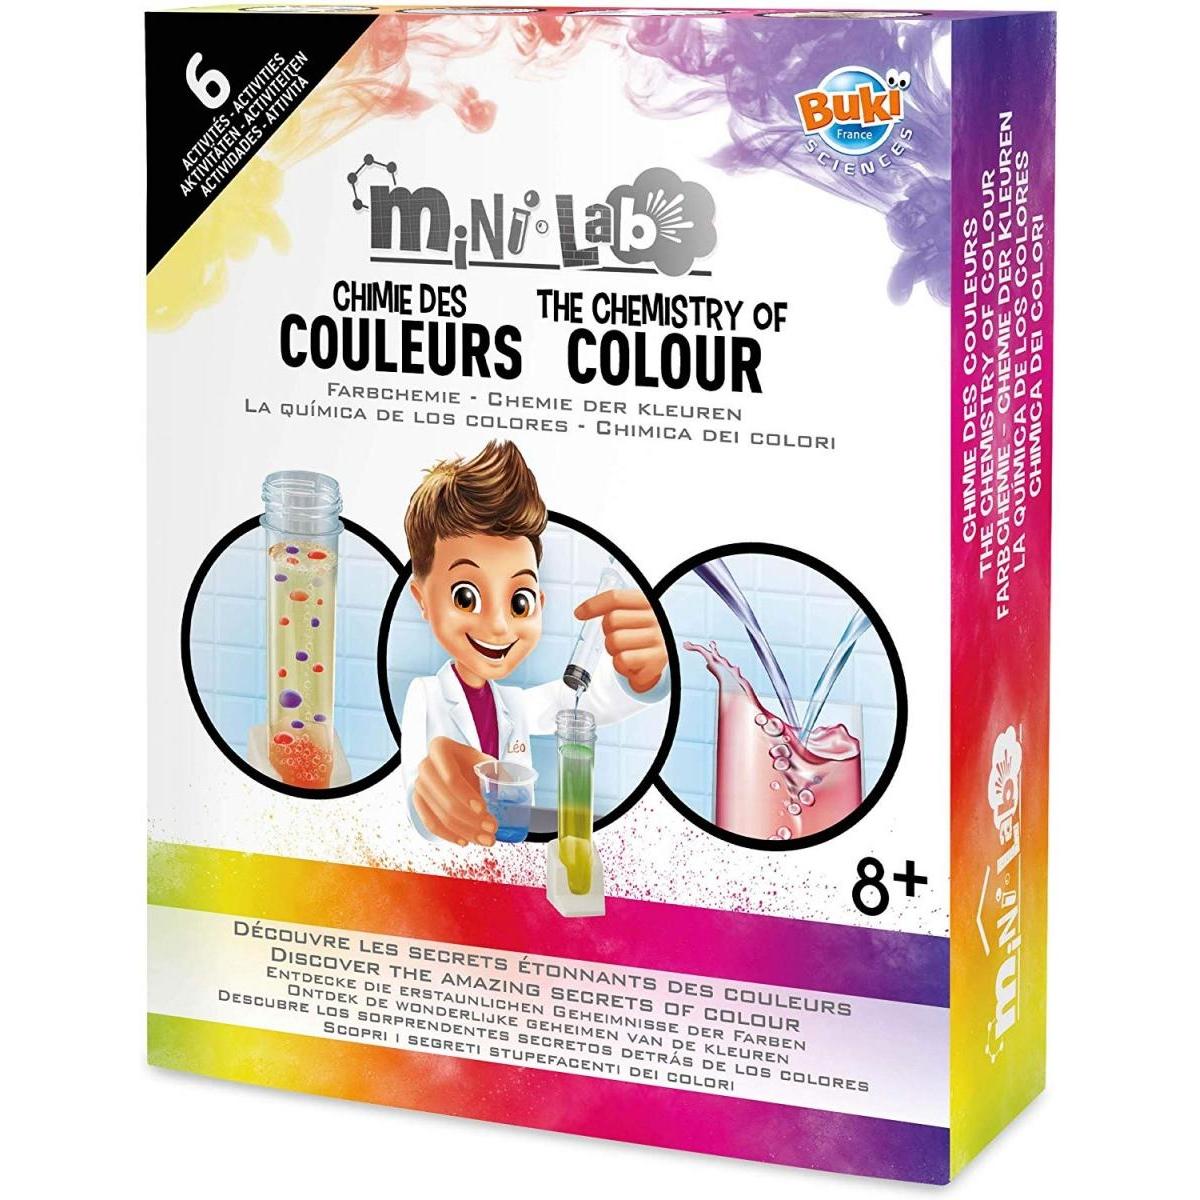 Buki - Mini lab Chimie des couleurs